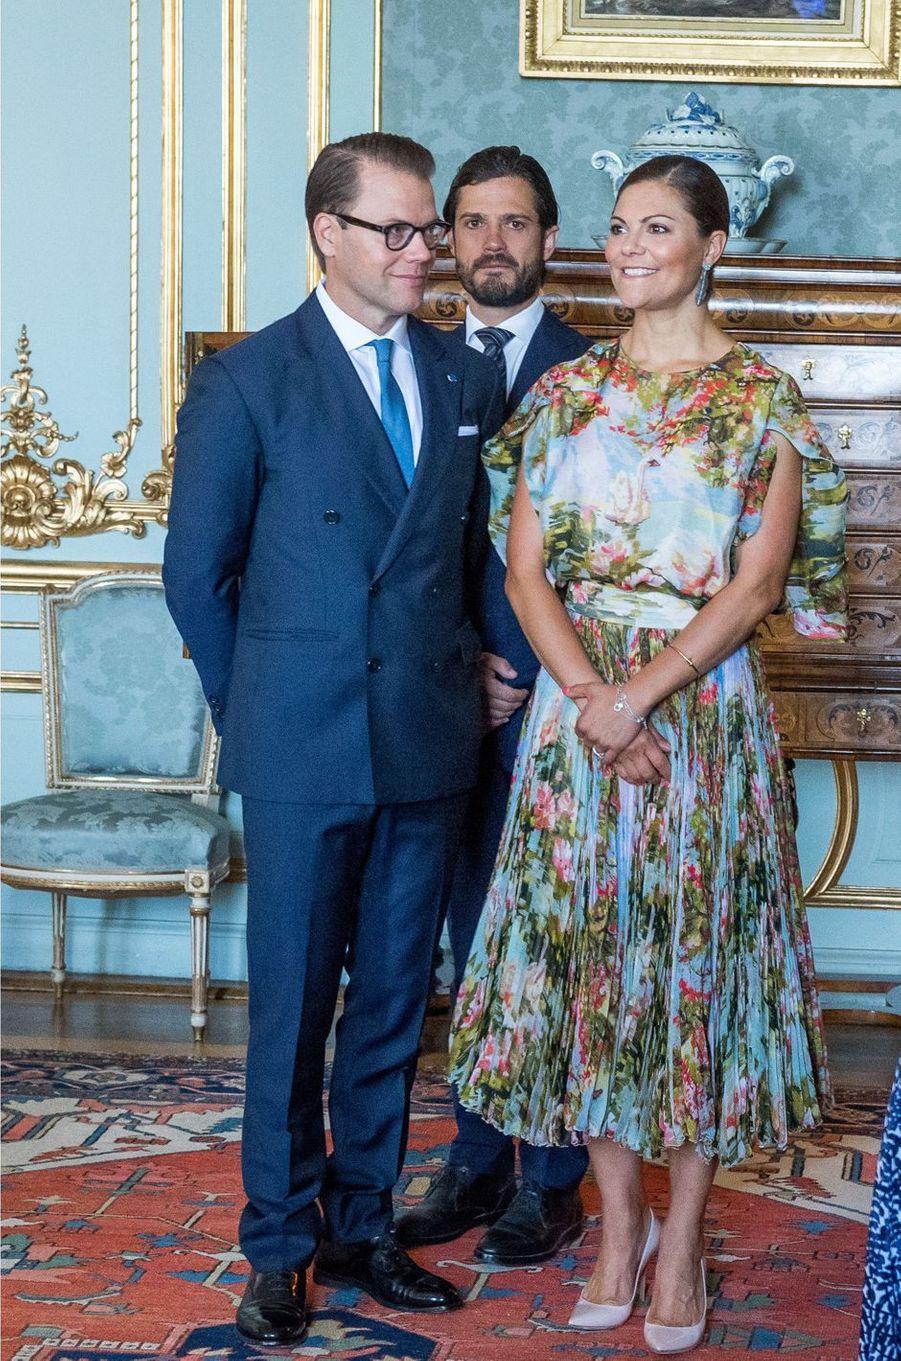 La princesse Victoria de Suède avec les princes Daniel et Carl Philip à Stockholm, le 24 août 2017